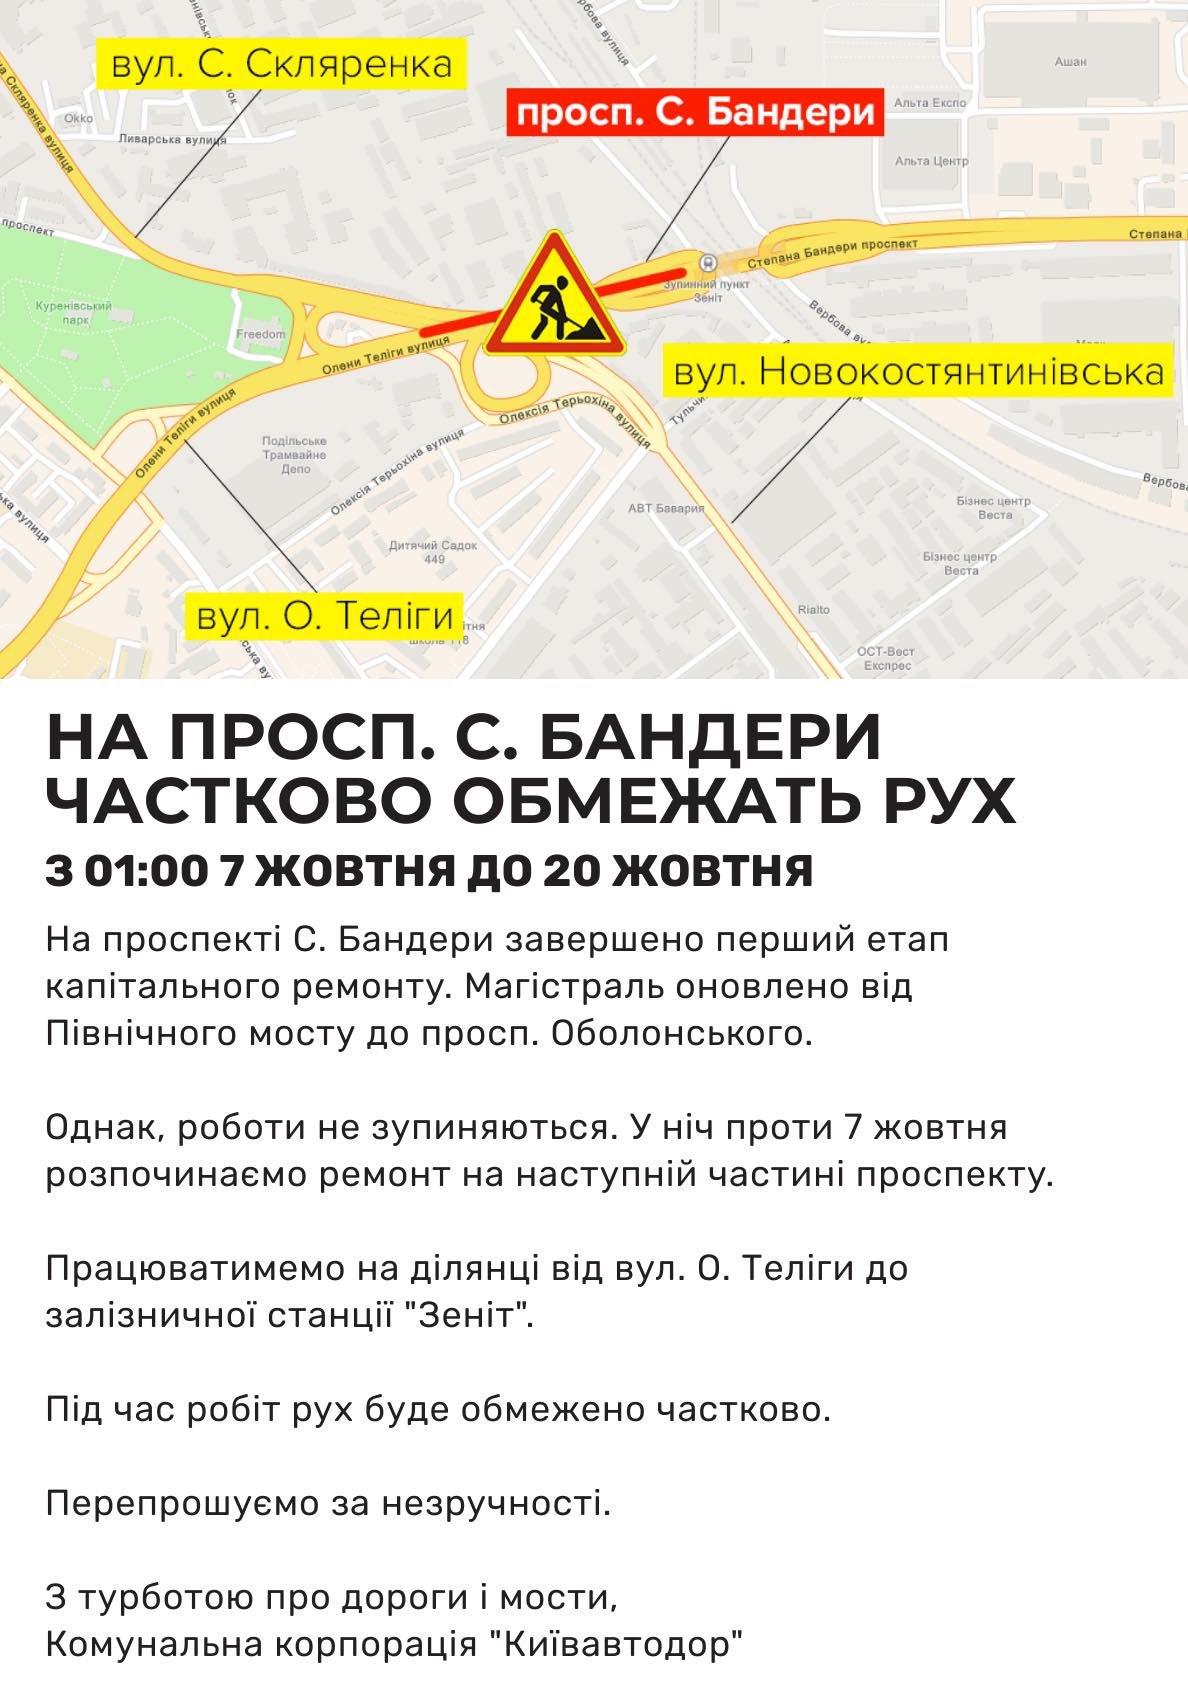 Не проедешь: в Киеве на две недели ограничат движение по проспекту Бандеры, фото-1